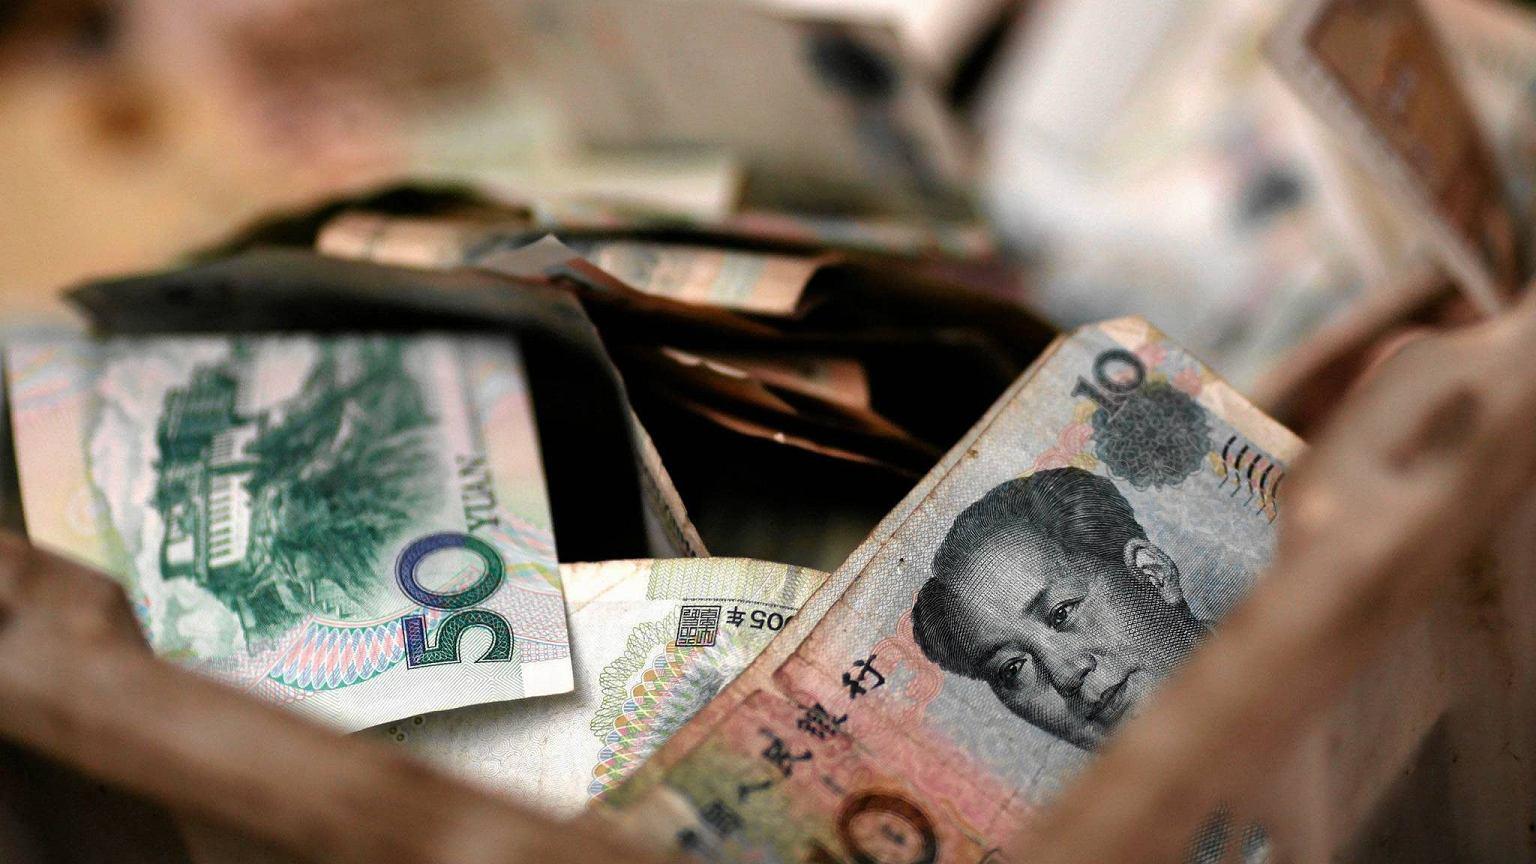 Chiny - jeden kraj, trzy waluty i 400 milionów klientów płacących telefonami - Globtrotuar